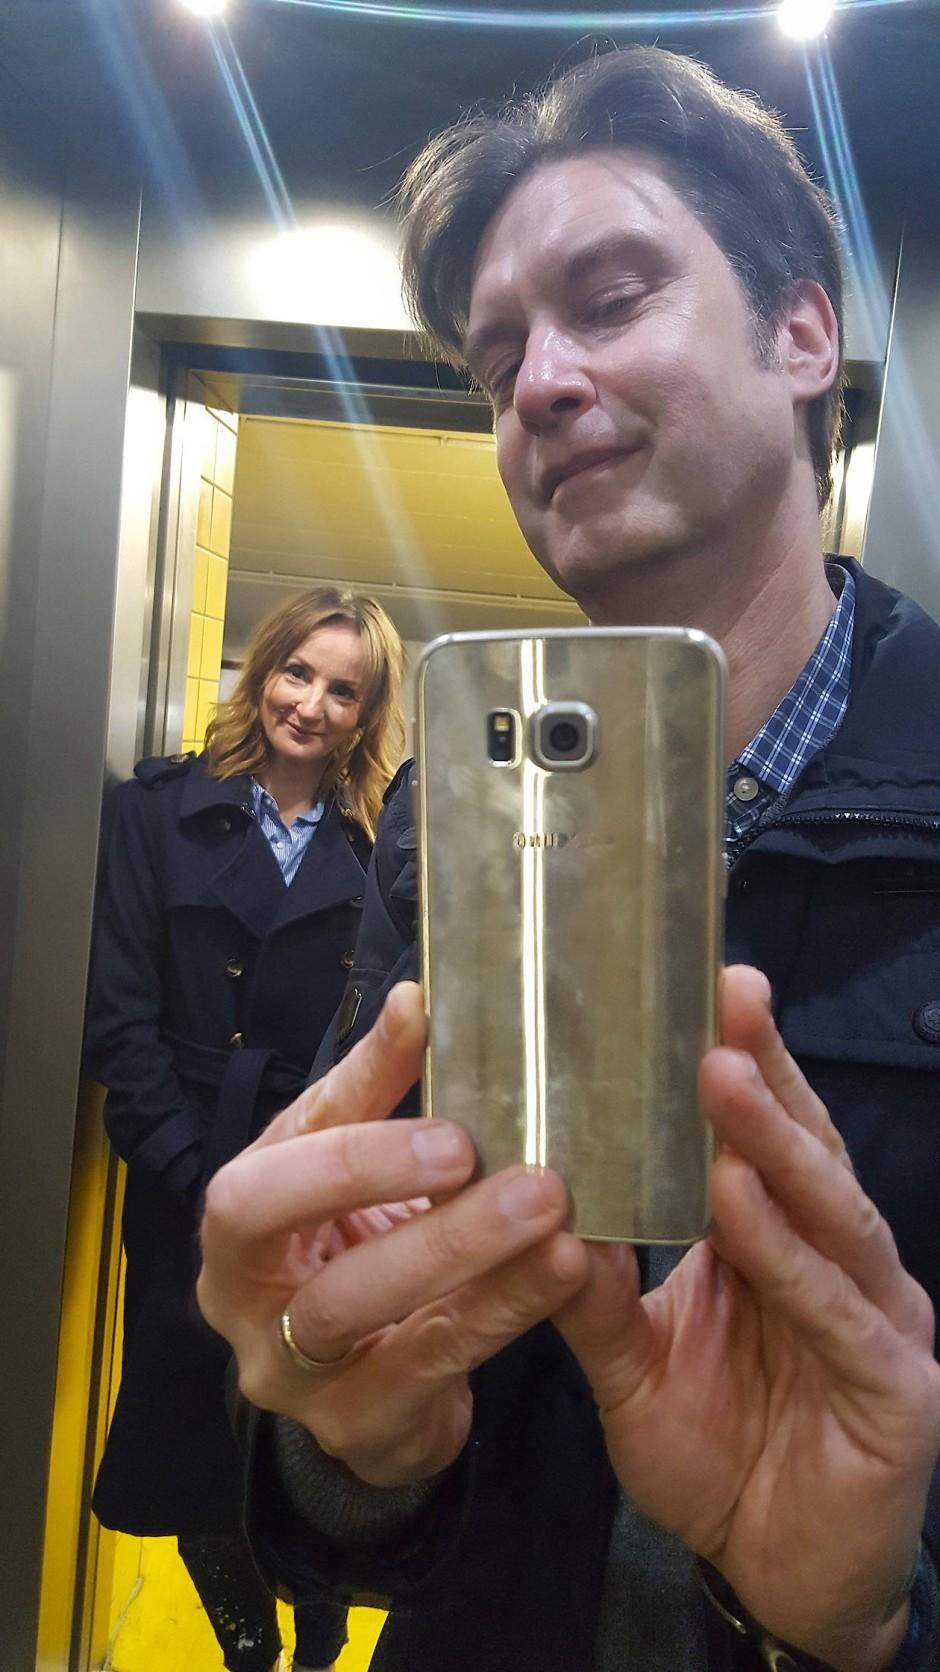 Man at work: Unser Instagram Husband hat seine Frau immer im Blick. Und den Finger immer am Drücker.